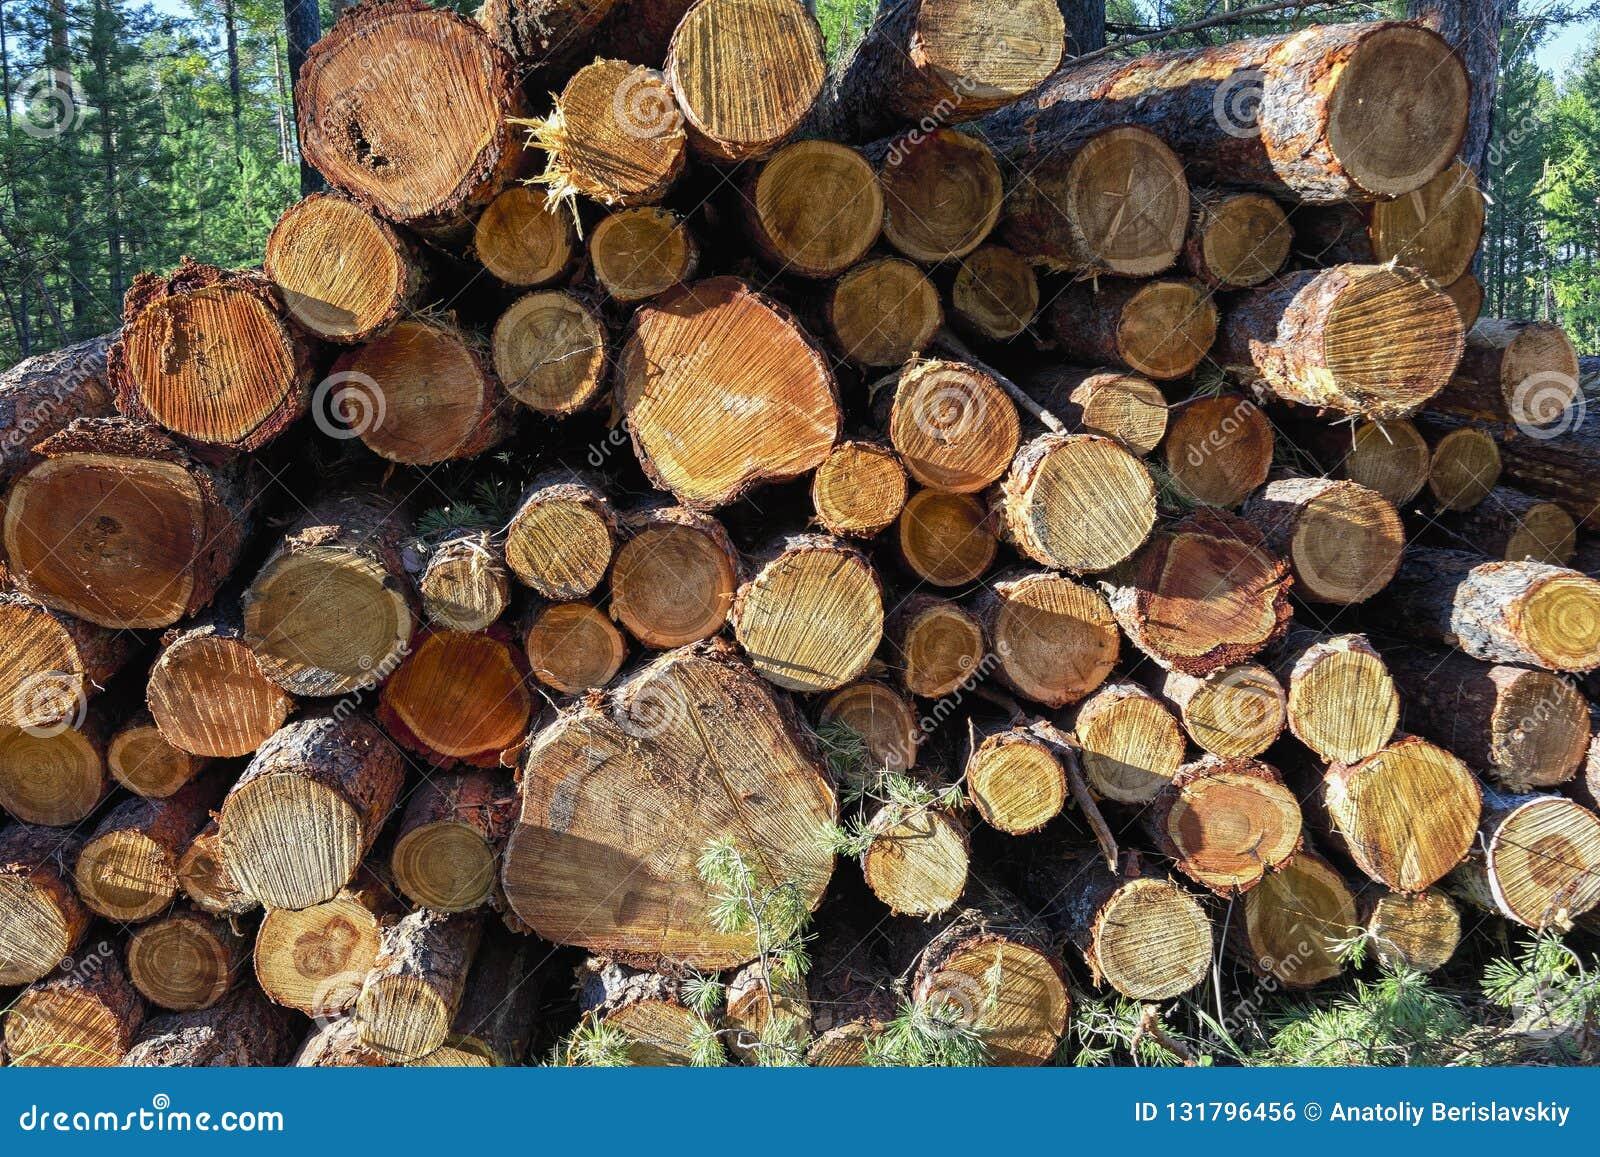 Rondins en bois des bois de pin dans la forêt, empilés dans une pile